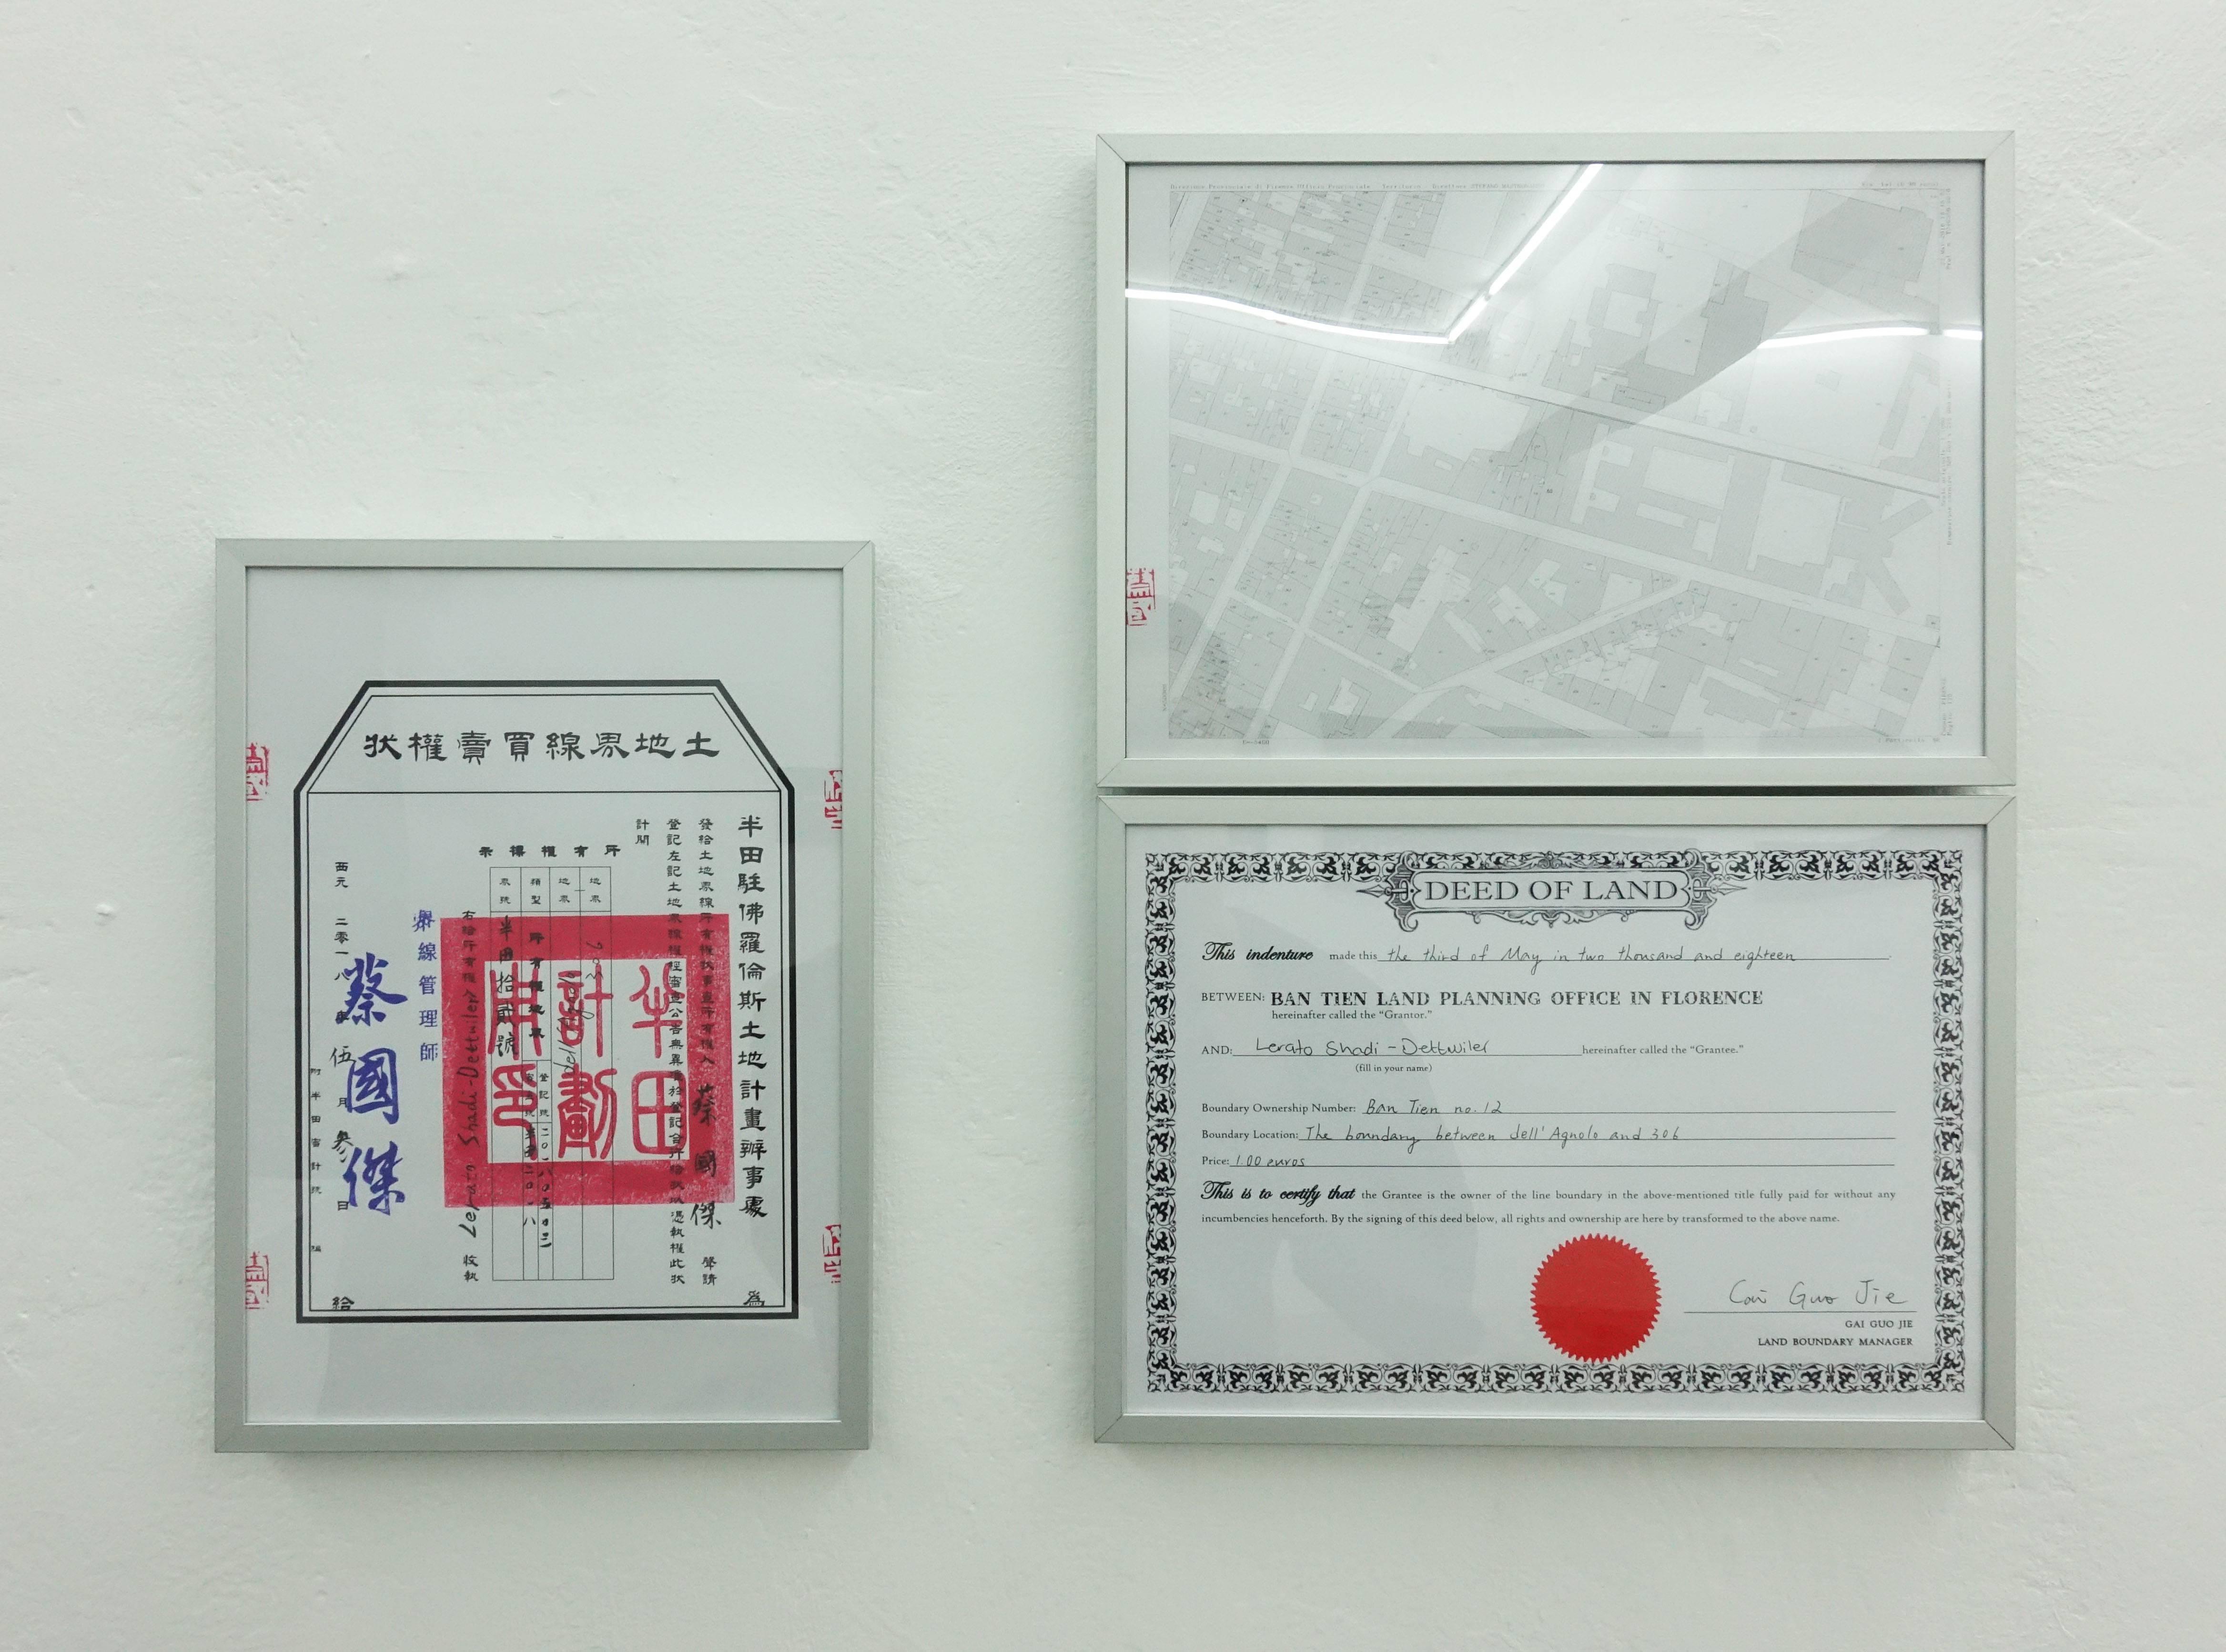 蔡國傑,《Le Murate》,21 x 29.7cm,紙本權狀,2019。